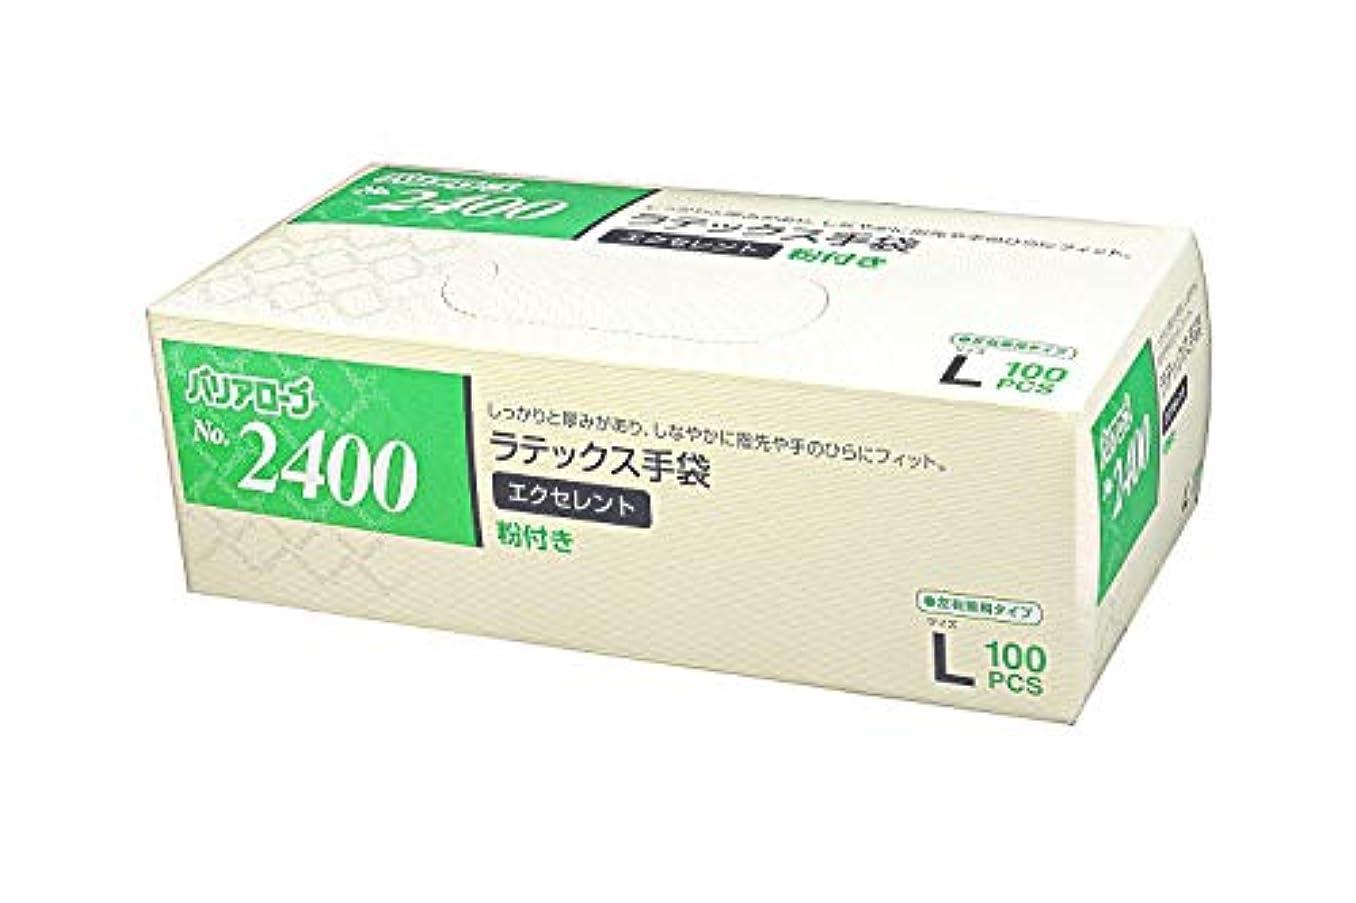 過敏な感覚賞賛する【ケース販売】 バリアローブ №2400 ラテックス手袋 エクセレント (粉付き) L 2000枚(100枚×20箱)